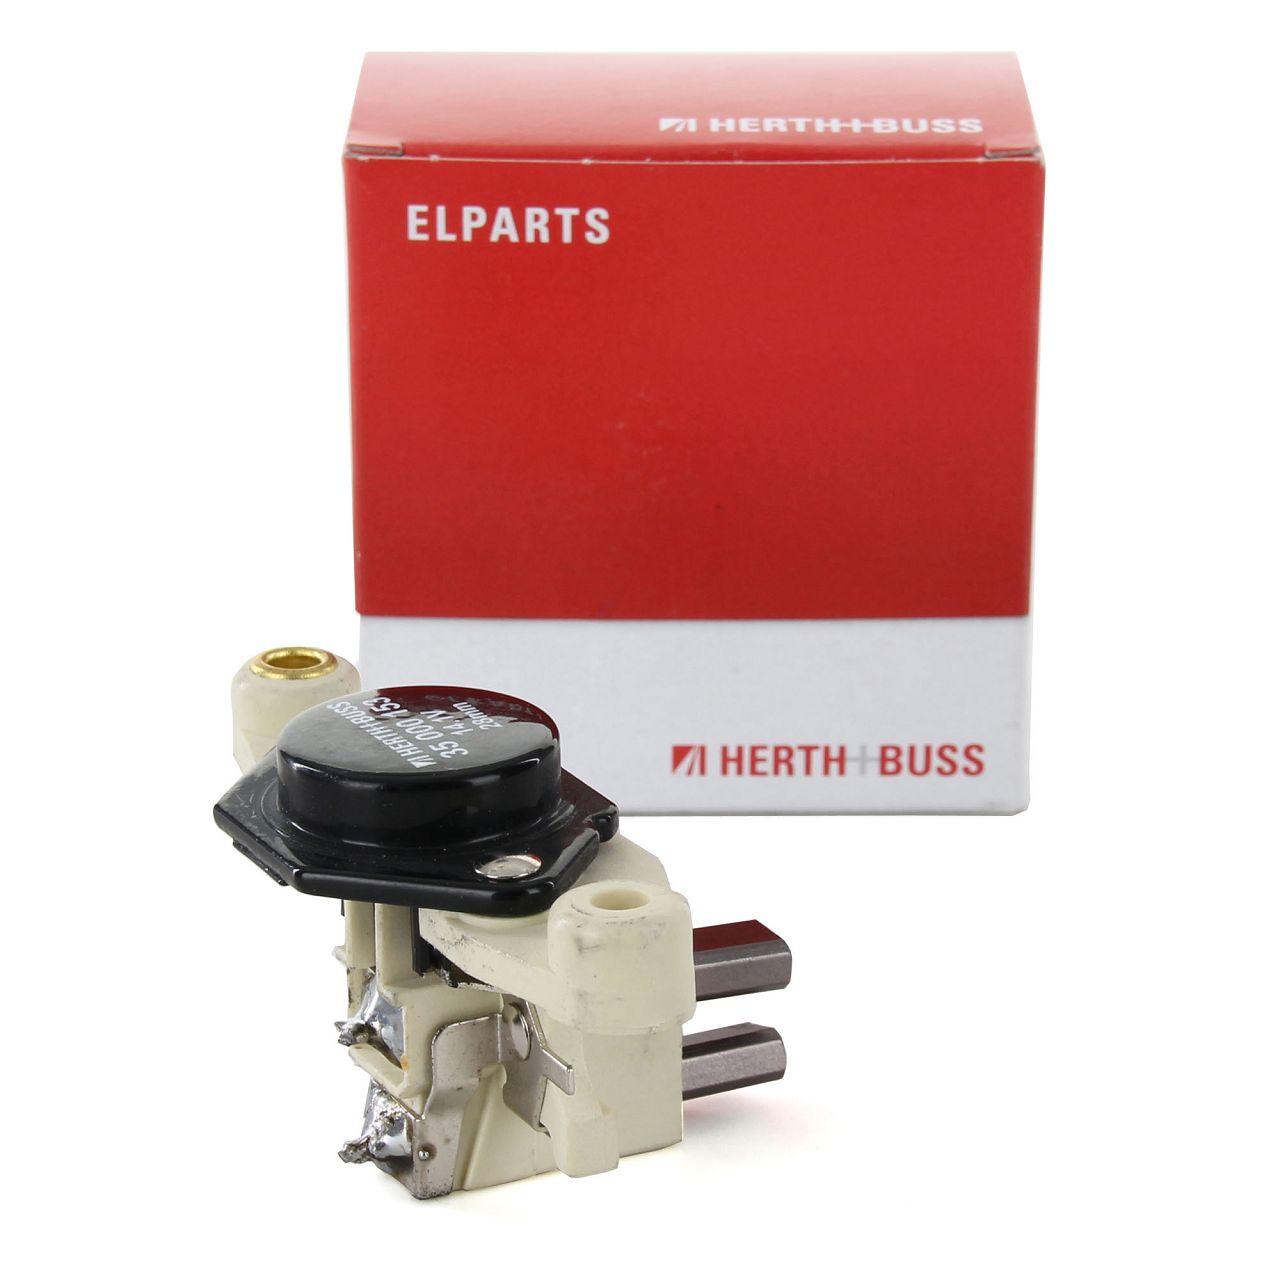 HERTH+BUSS ELPARTS Lichtmaschinenregler für AUDI BMW FORD OPEL PORSCHE SEAT VW